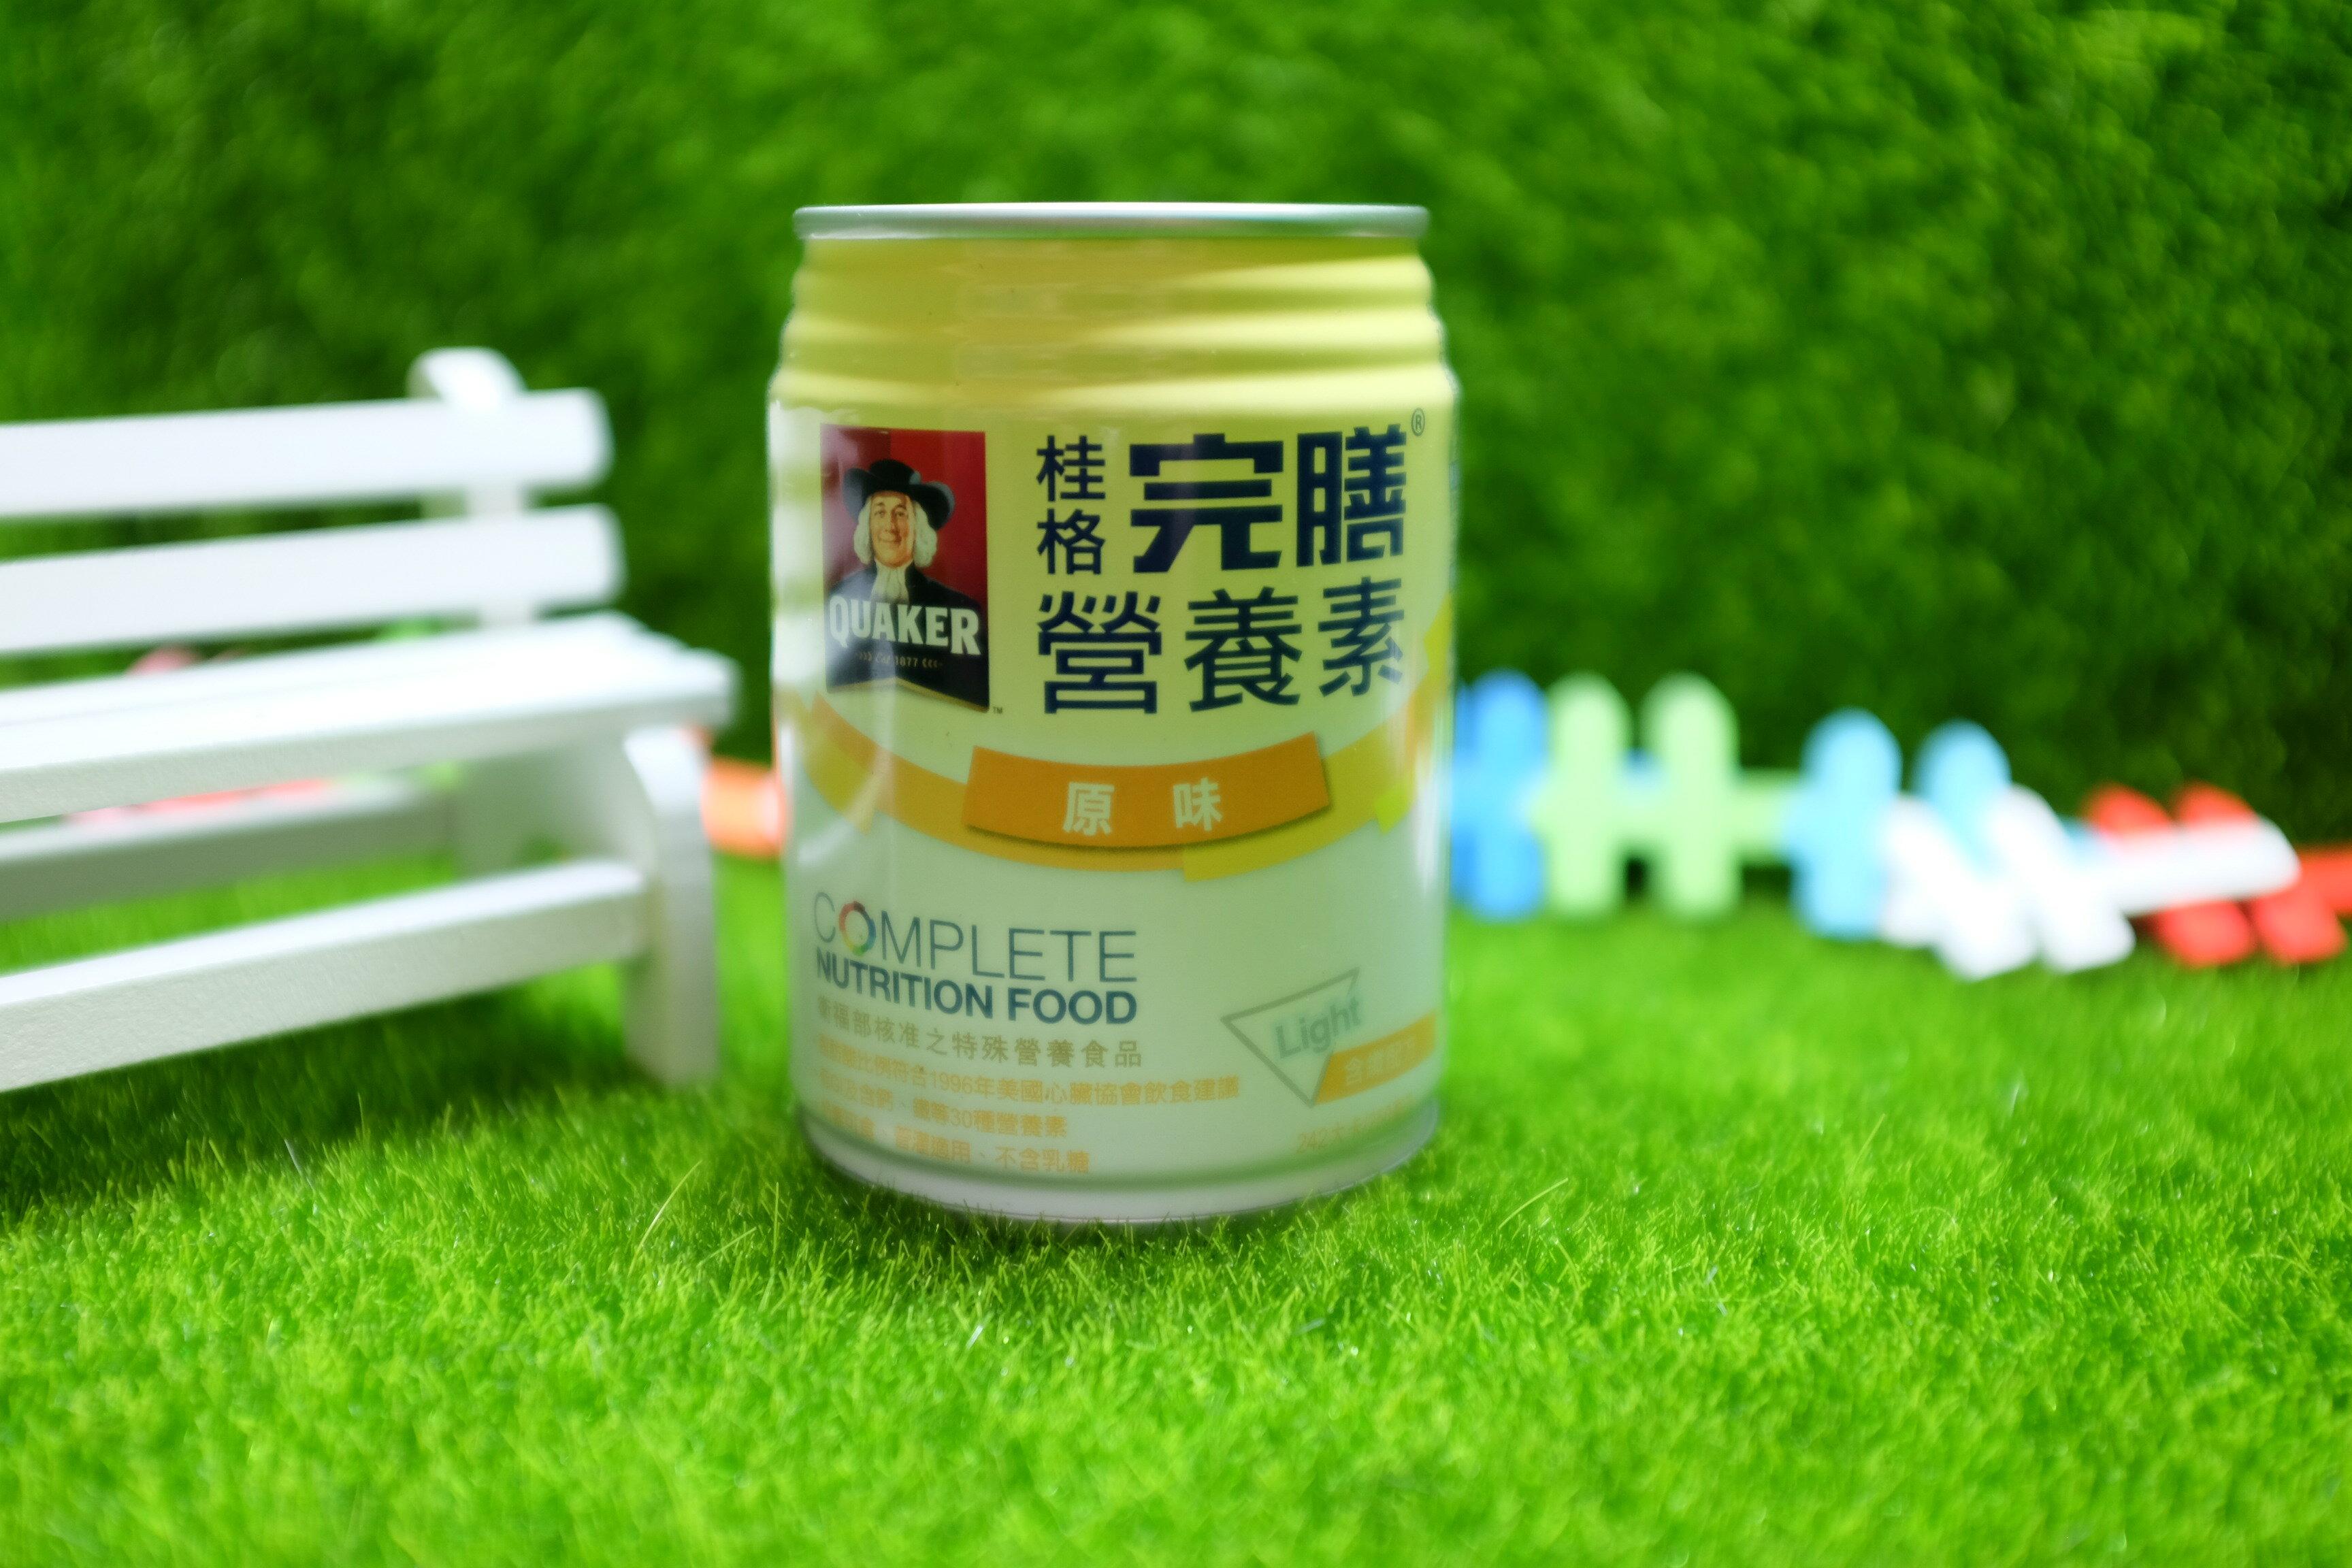 完膳 含纖配方 原味 250ml 一入#桂格 少甜 完膳營養素